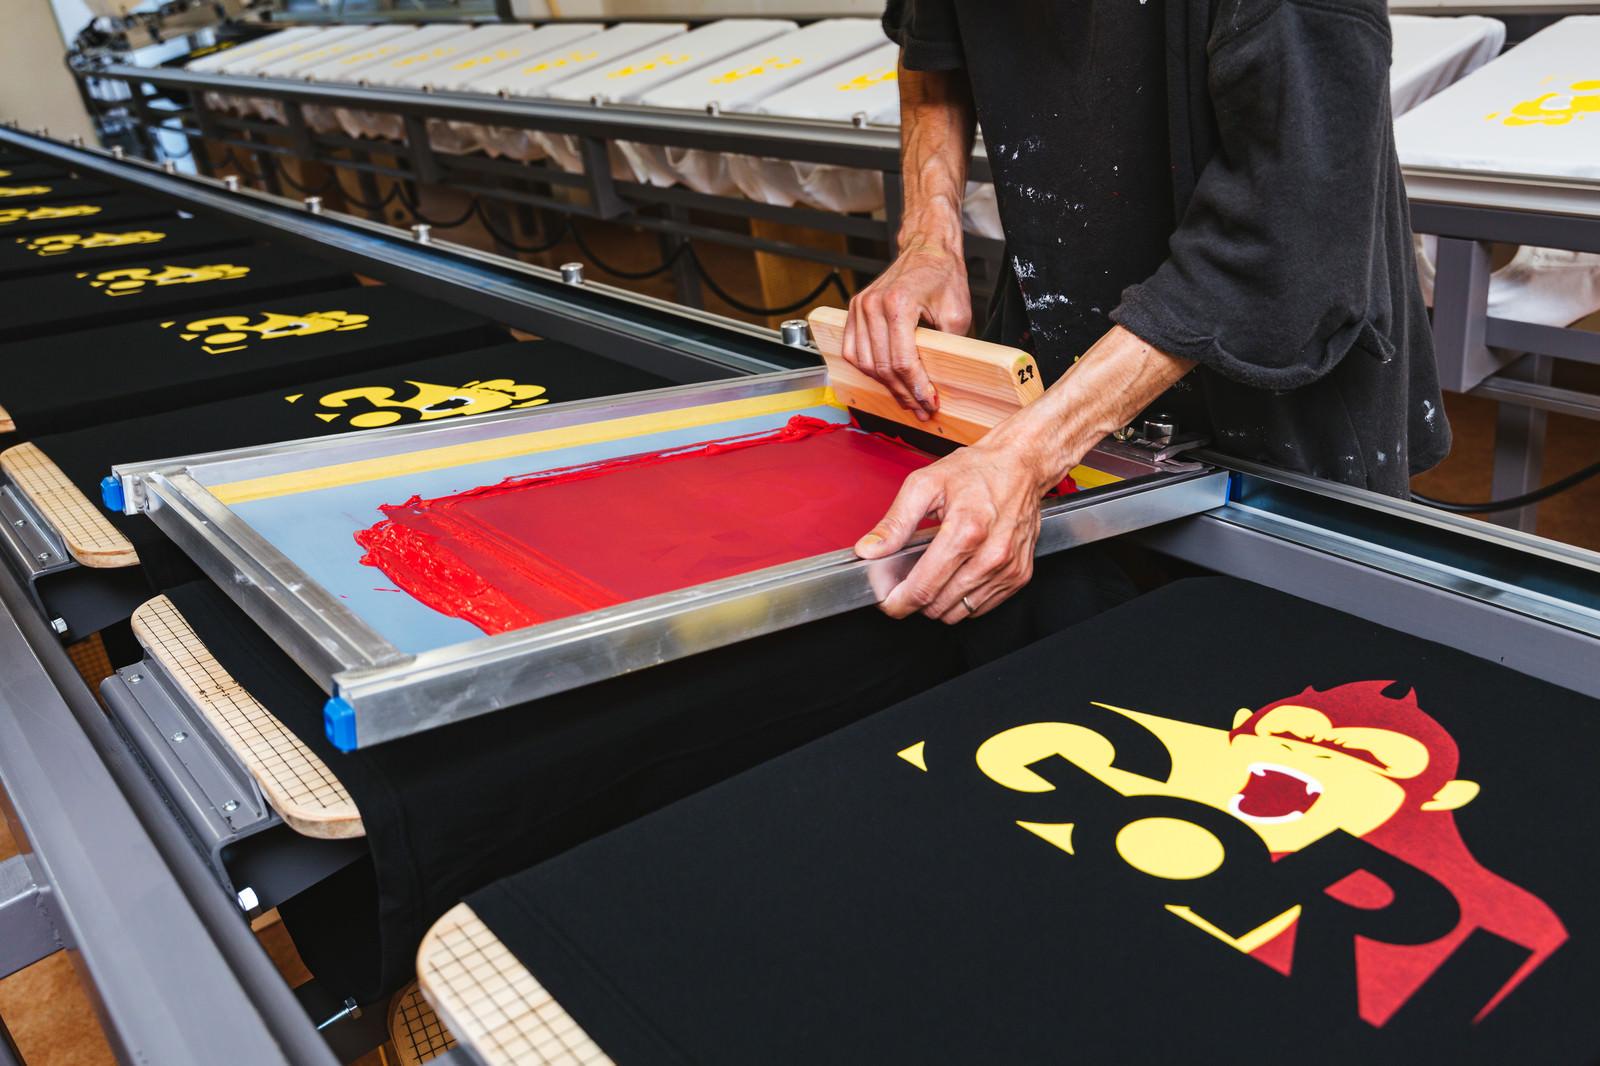 「手刷りでTシャツに着色するシルクスクリーン印刷の現場」の写真